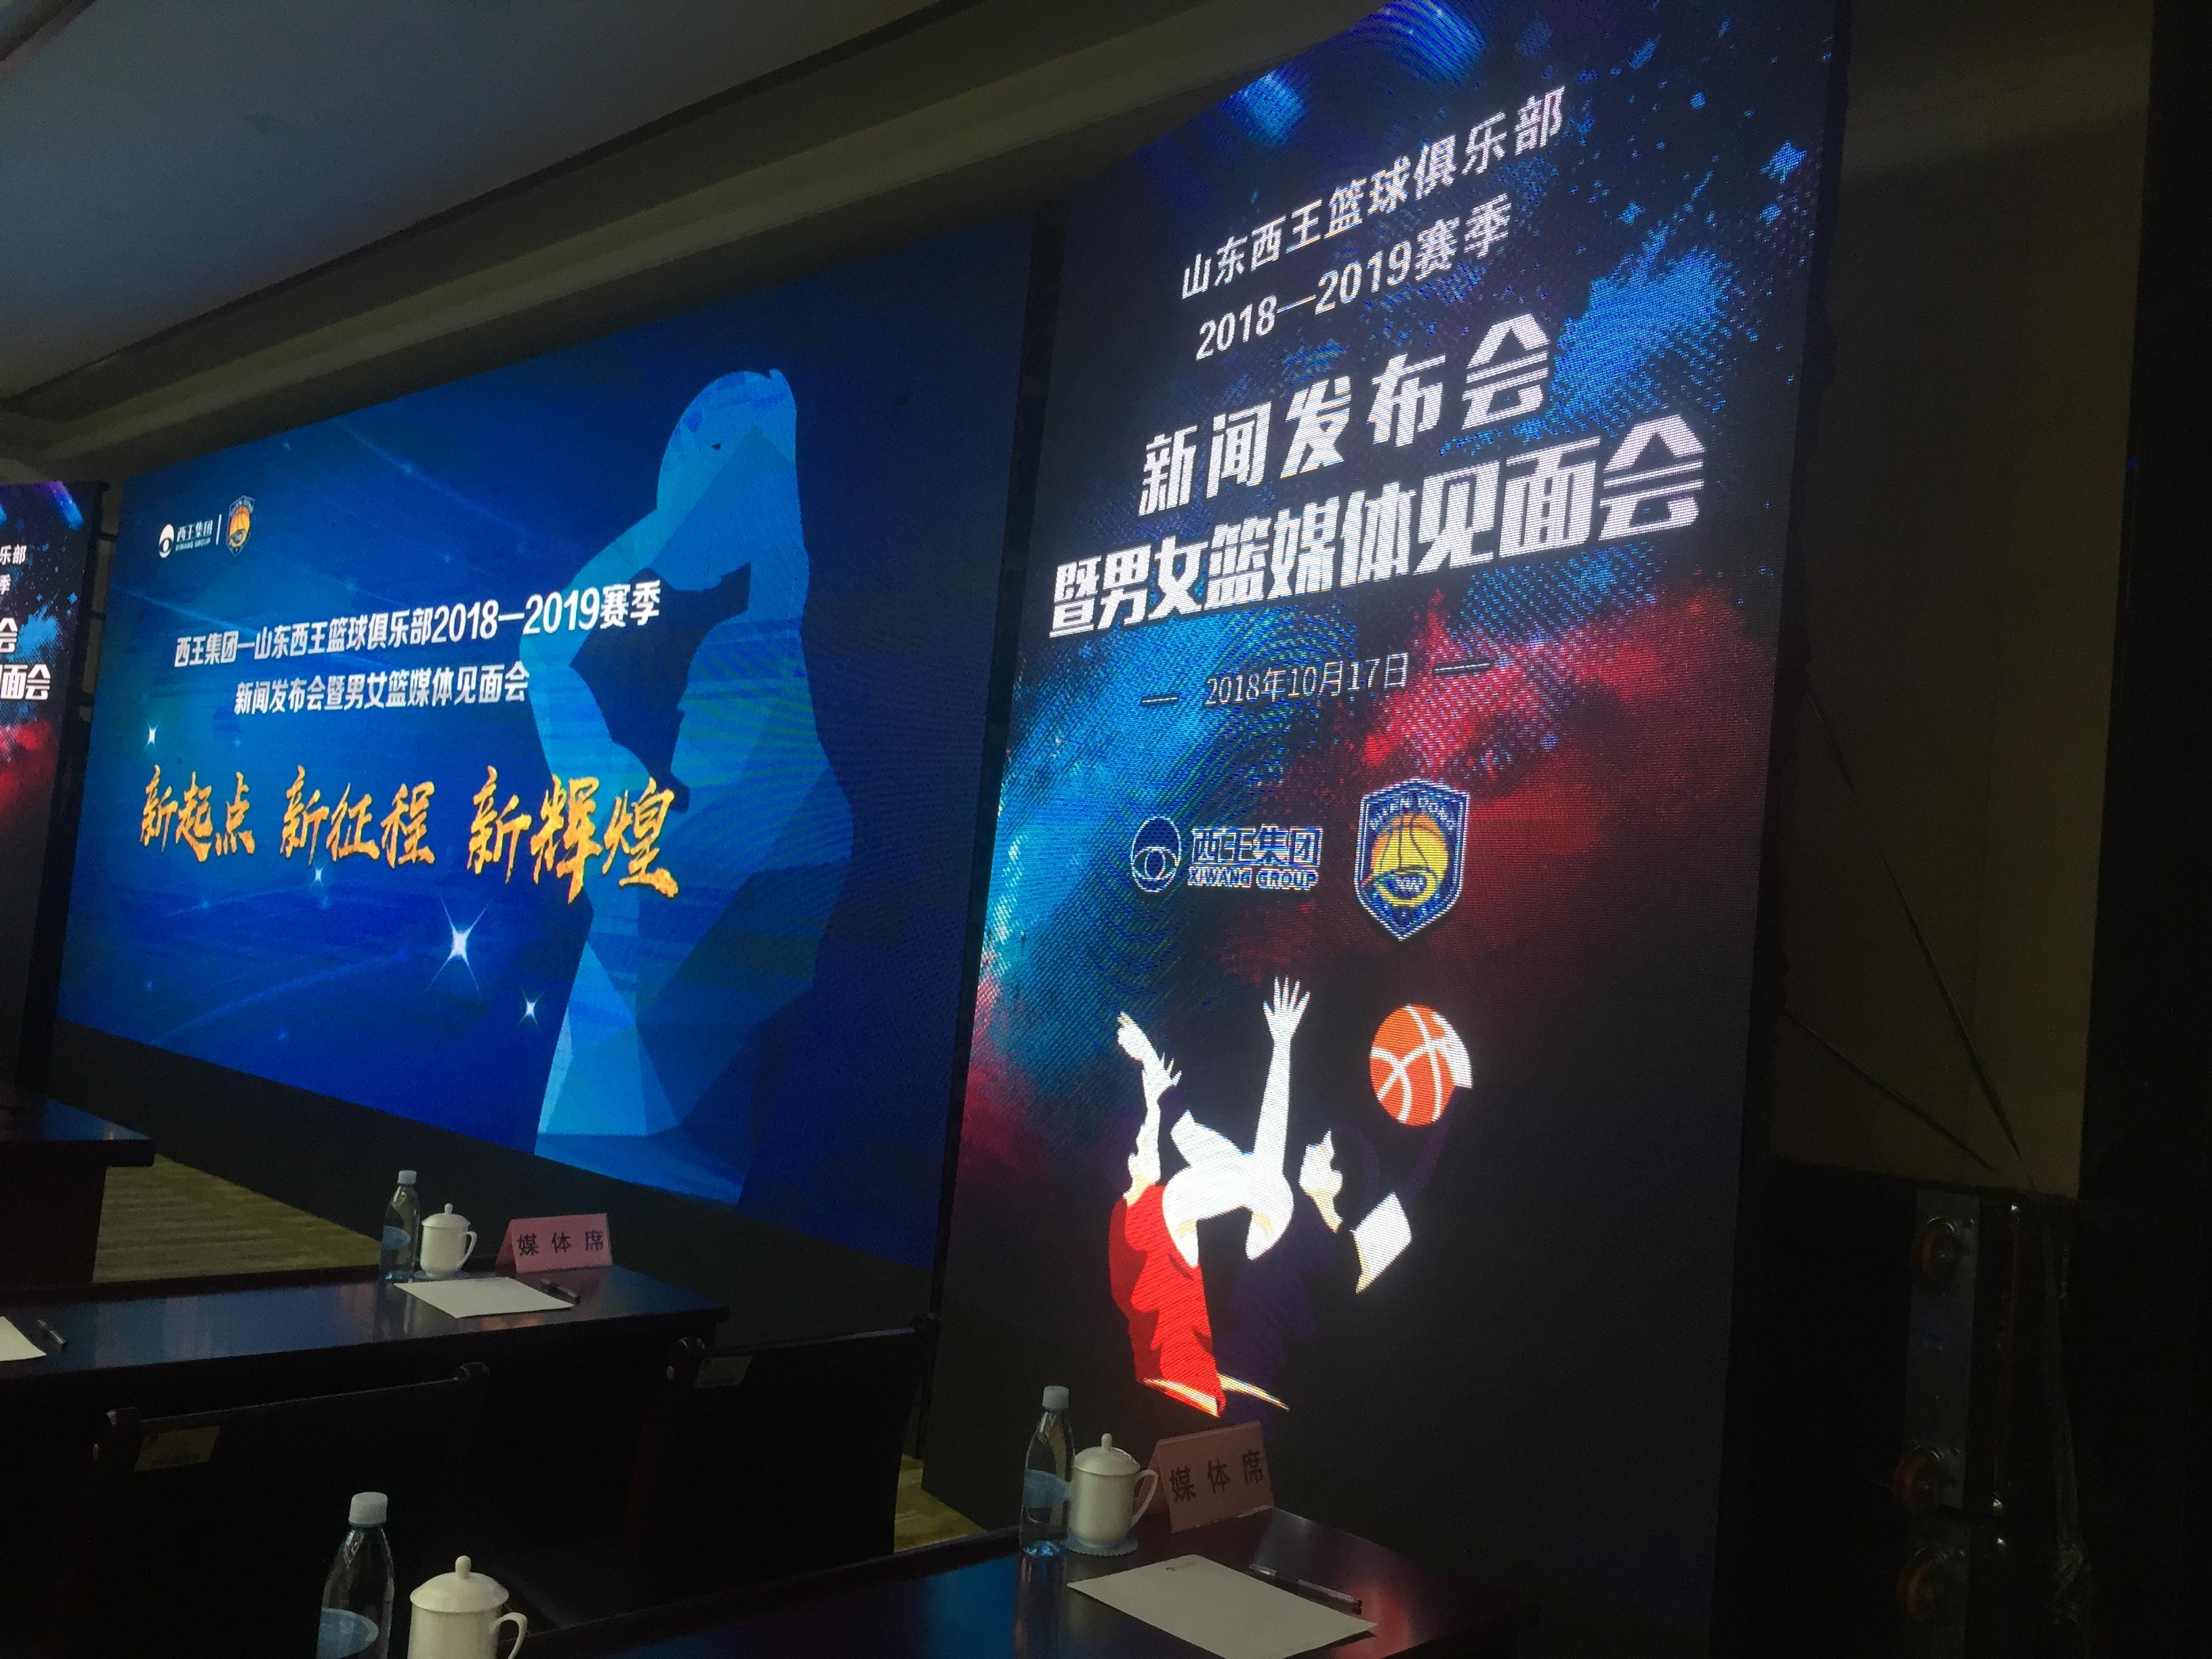 西王男篮董事长定调新赛季目标  保八争四并强调两点权威